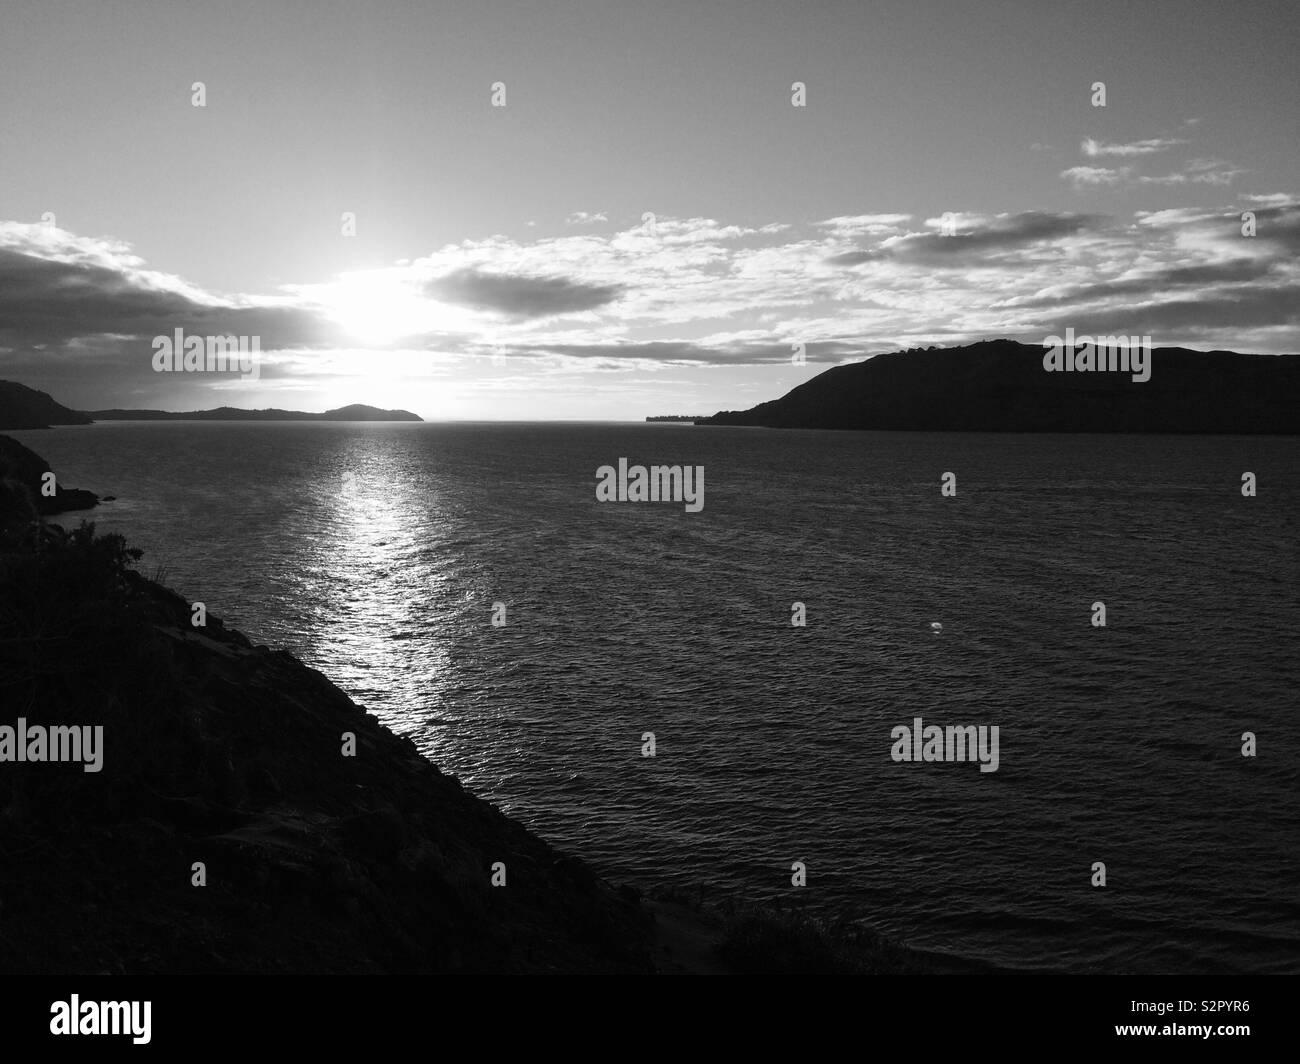 New Zealand coast - Stock Image